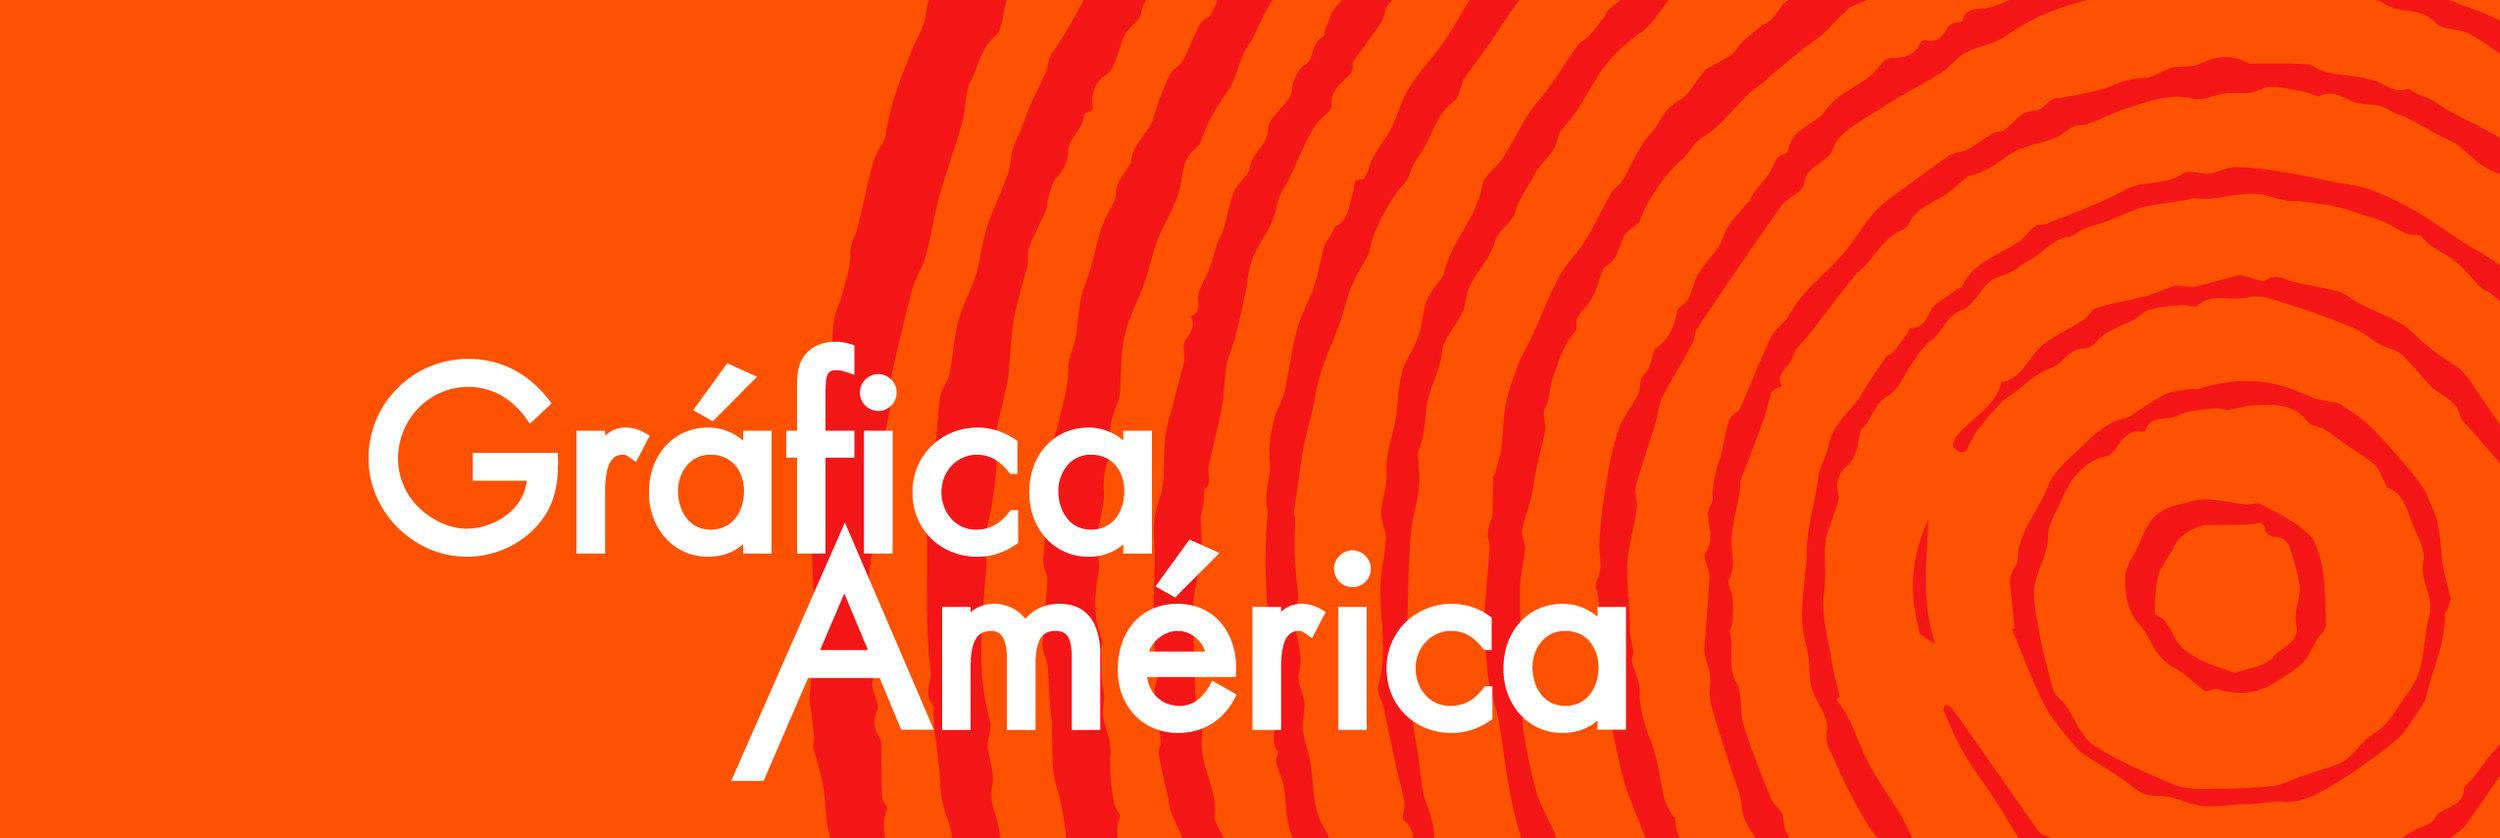 2 Grafica America Website Banner narrow.jpg